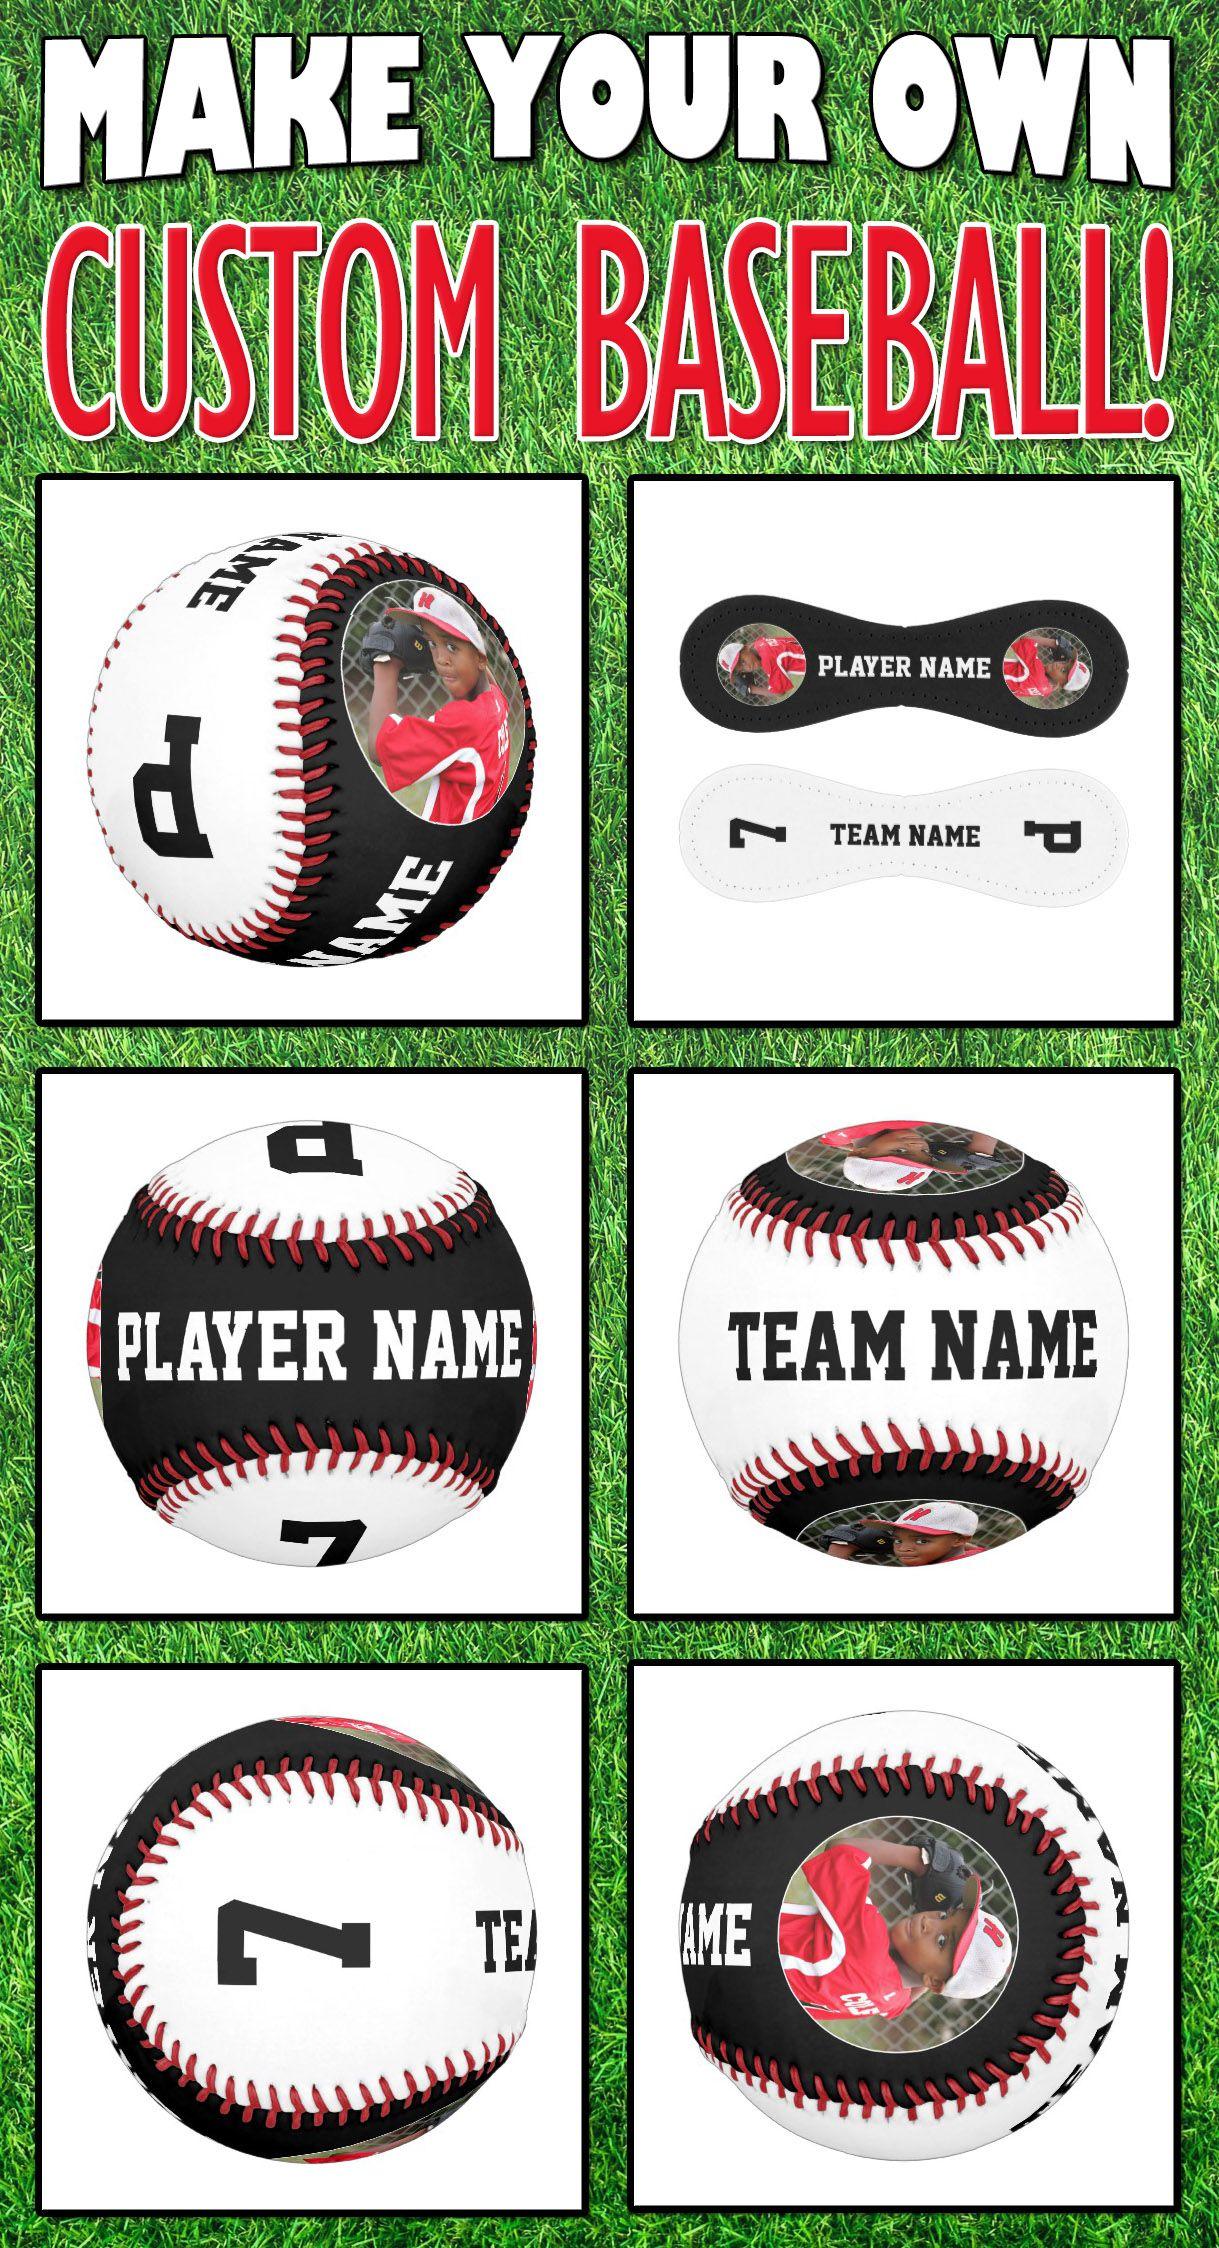 Custom Baseball Team Player Name Photo Number Zazzle Com Gifts For Baseball Players Baseball Team Gift Custom Baseballs